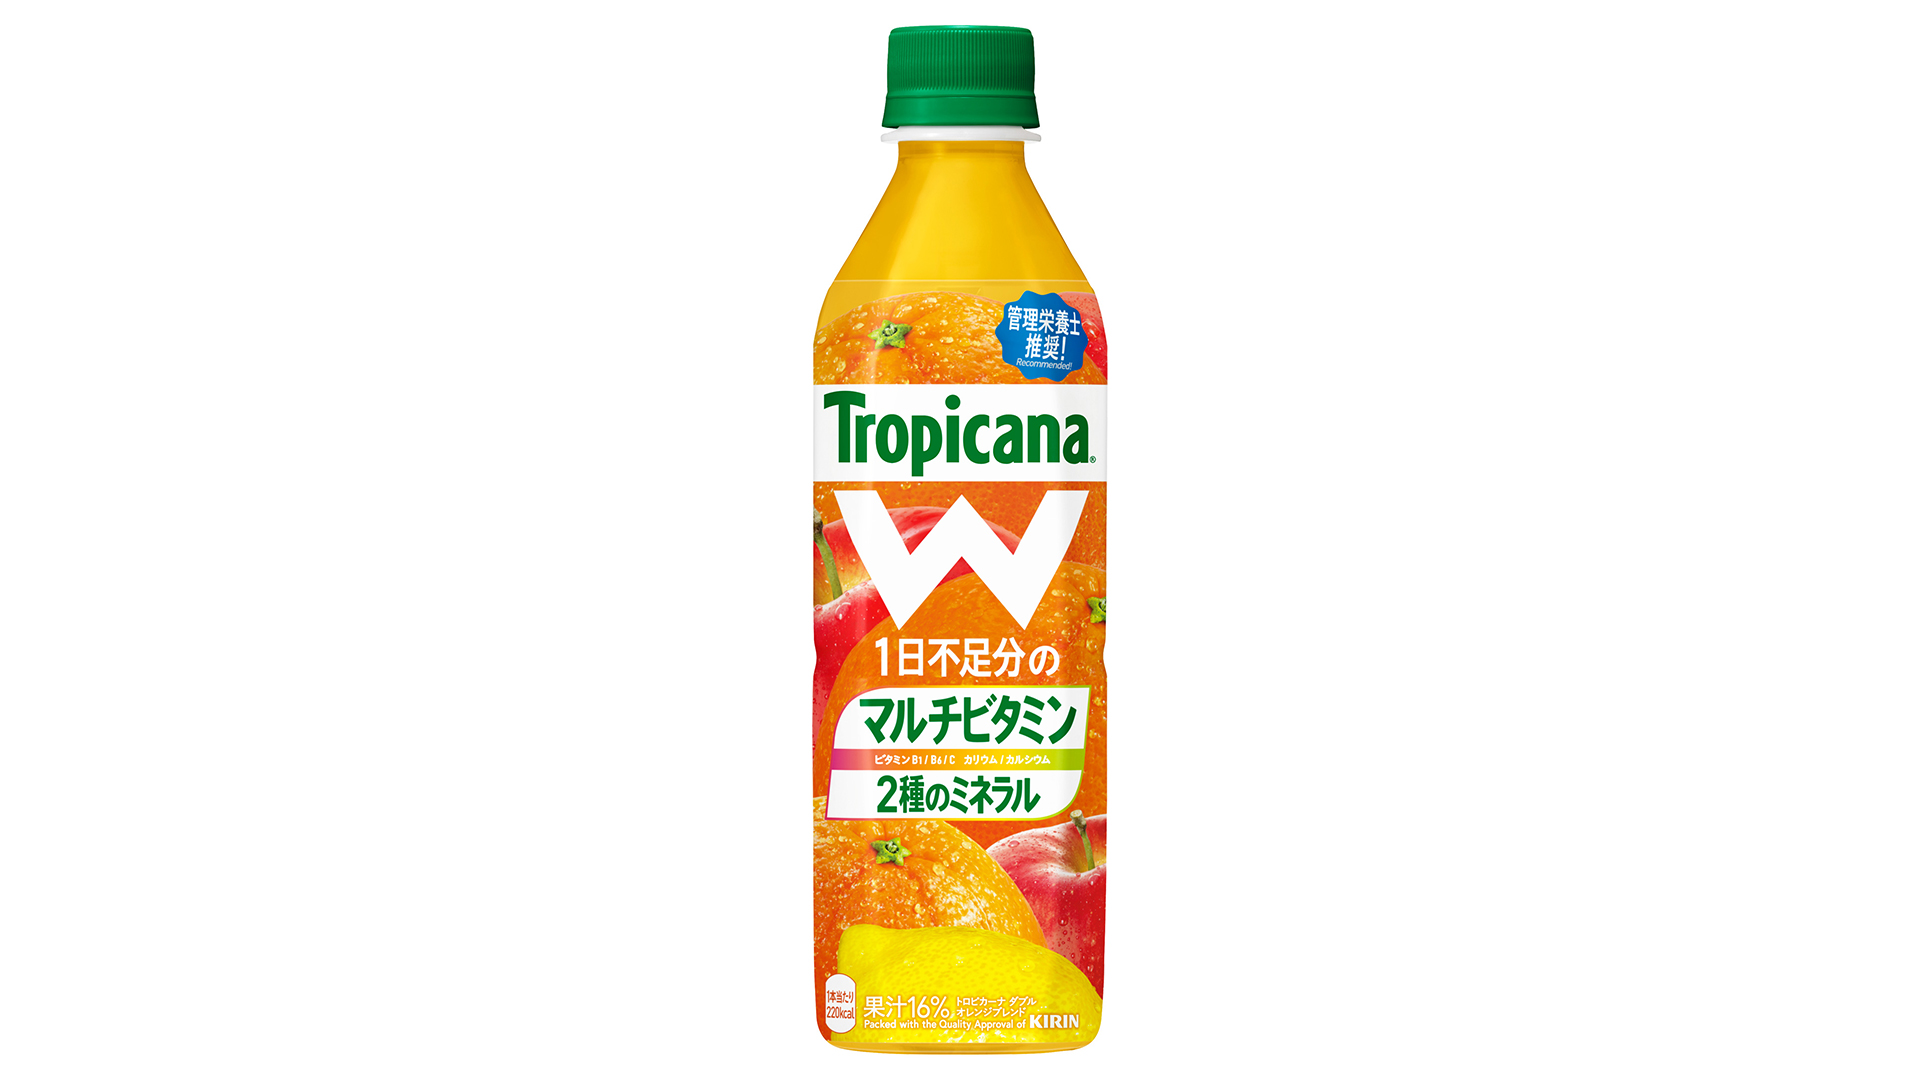 キリンビバレッジ『トロピカーナ W(ダブル) オレンジブレンド』は美味しくマルチビタミンとミネラルを摂取できる果汁飲料!